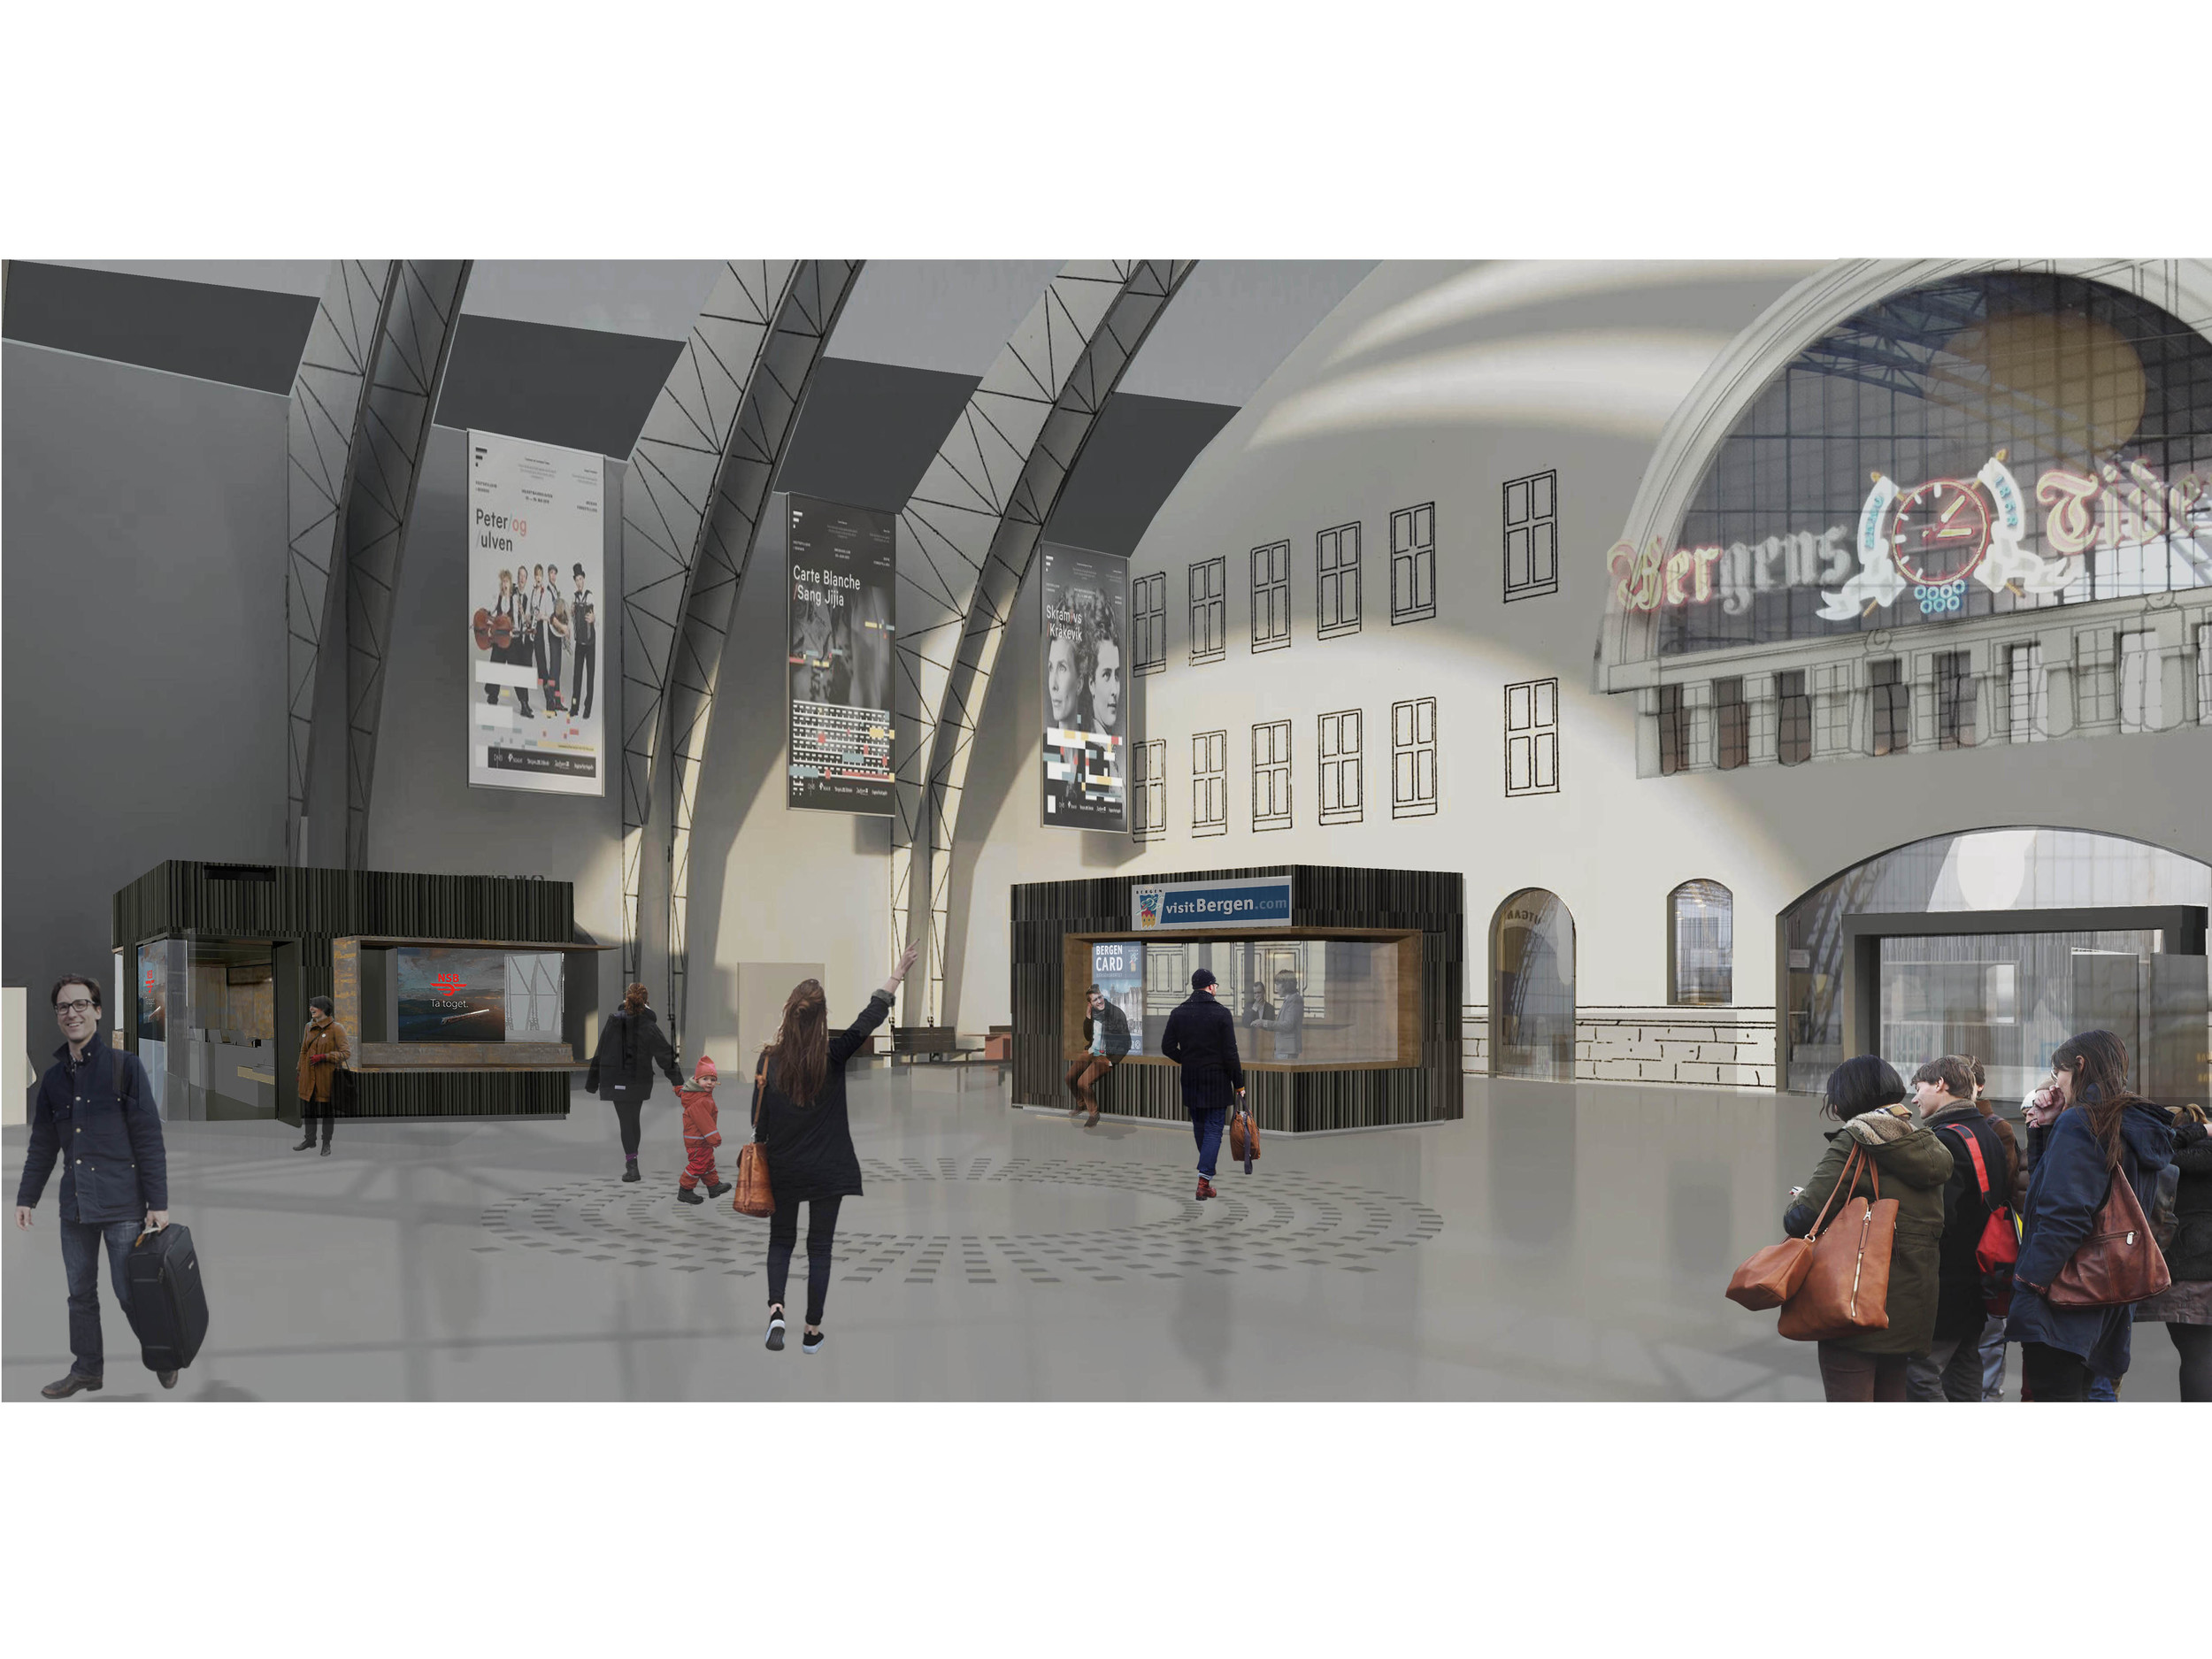 Perspektiv stasjonshall med nye kiosker